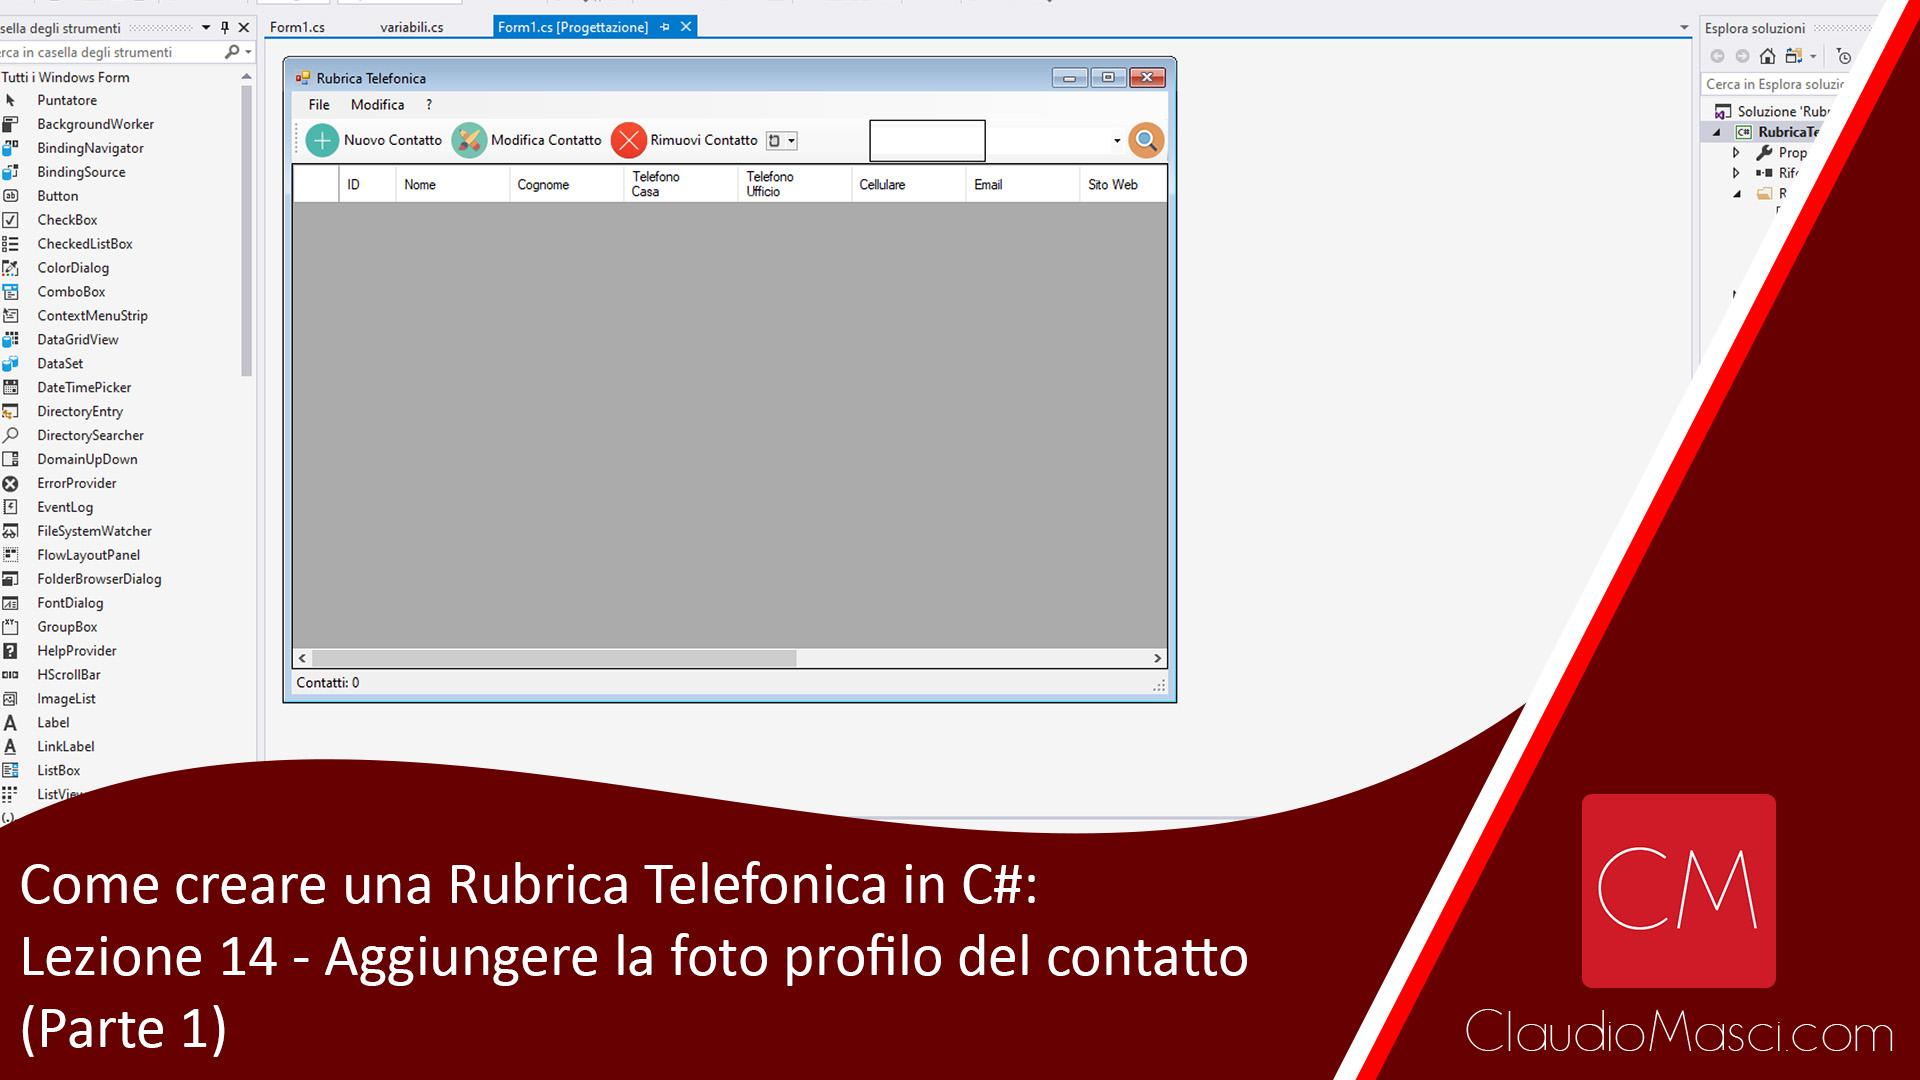 Come creare una Rubrica Telefonica in C# – Lezione 14: Aggiungere la foto profilo del contatto (Parte 1)